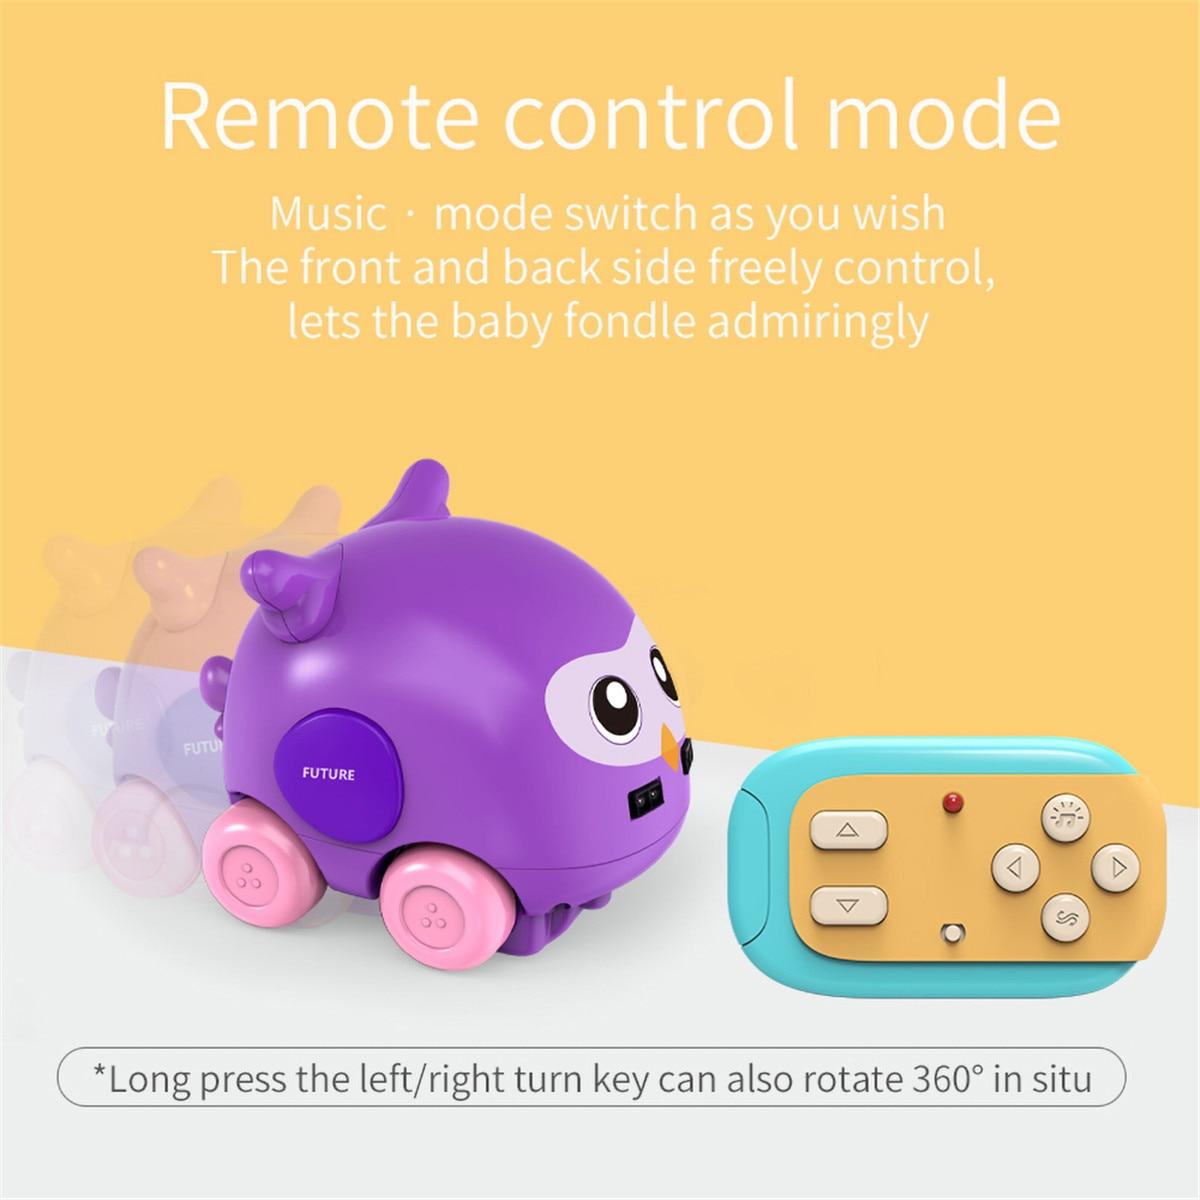 recarregável controle remoto eletrônico carro inteligente robô crianças brinquedos